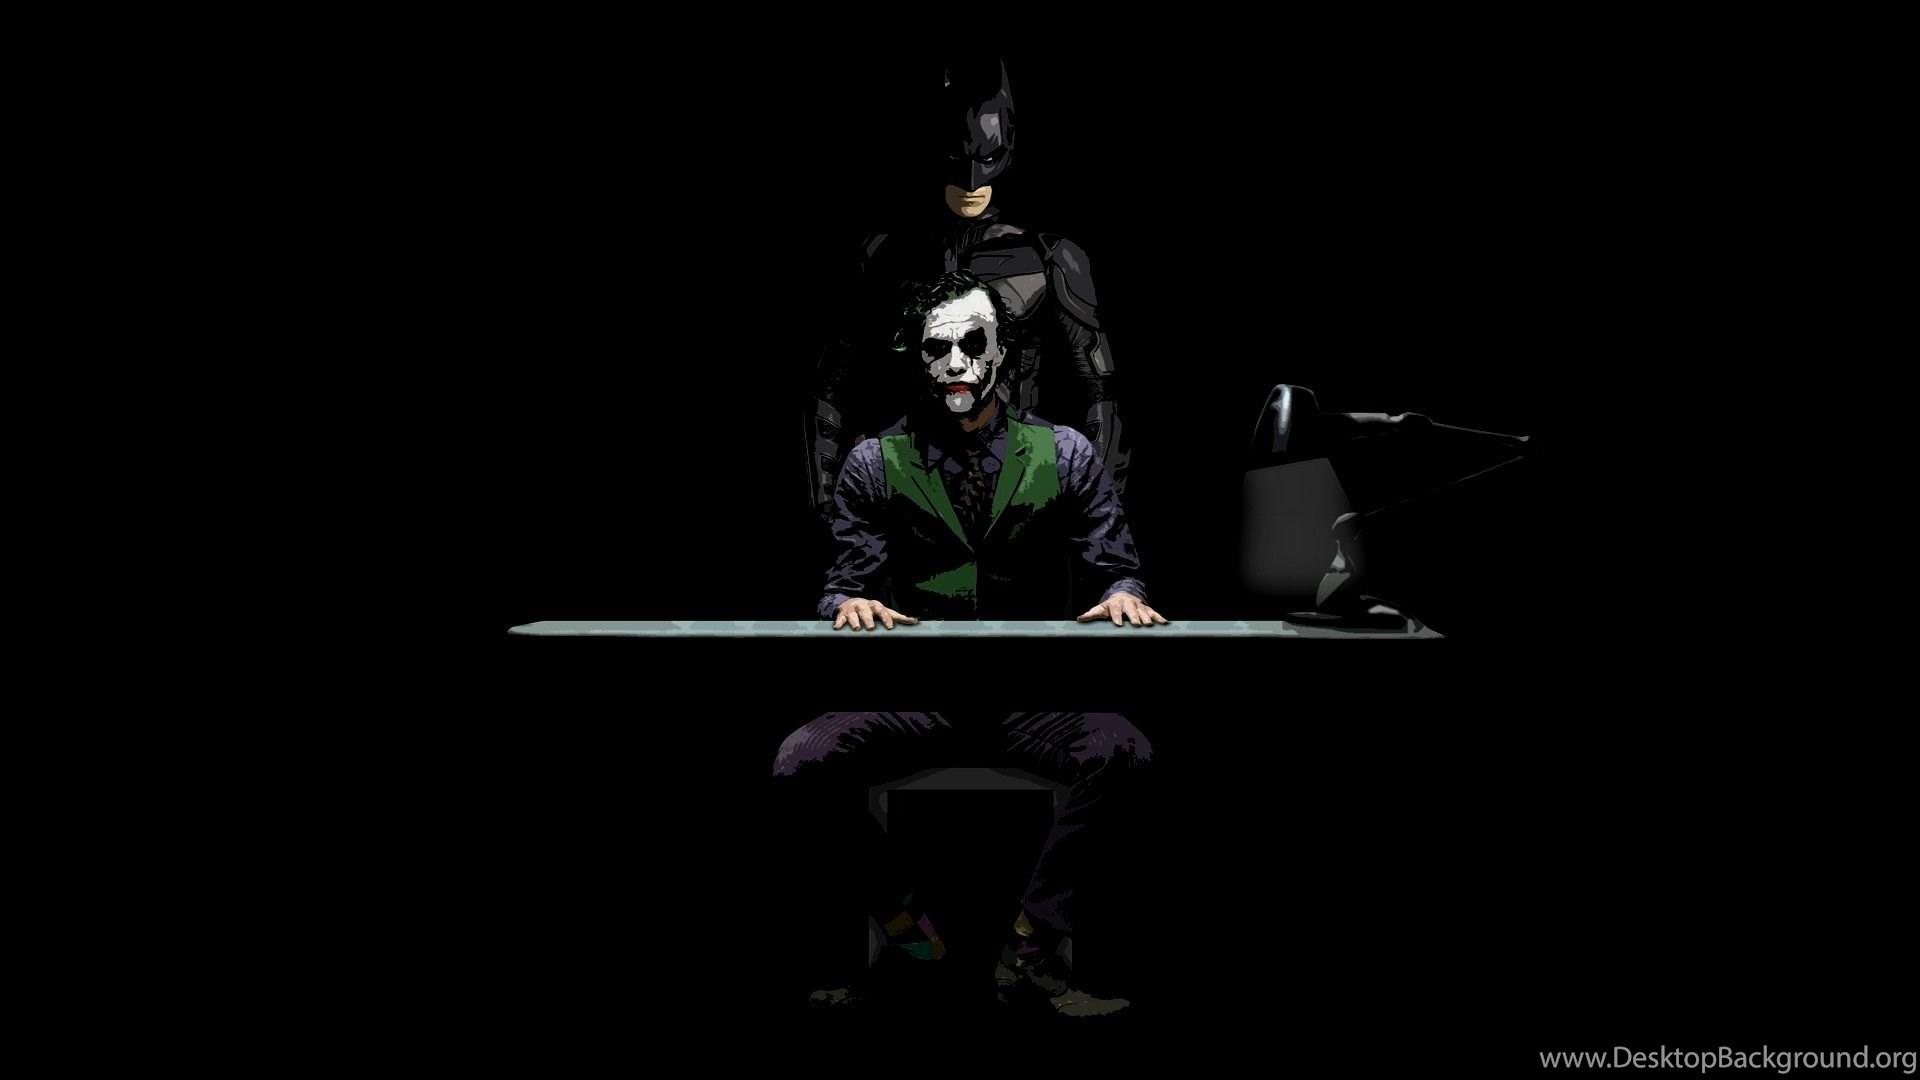 Joker Wallpaper Hd Iphone 5 Batman Joker Wallpapers Dark Knight 1920 215 1080 High